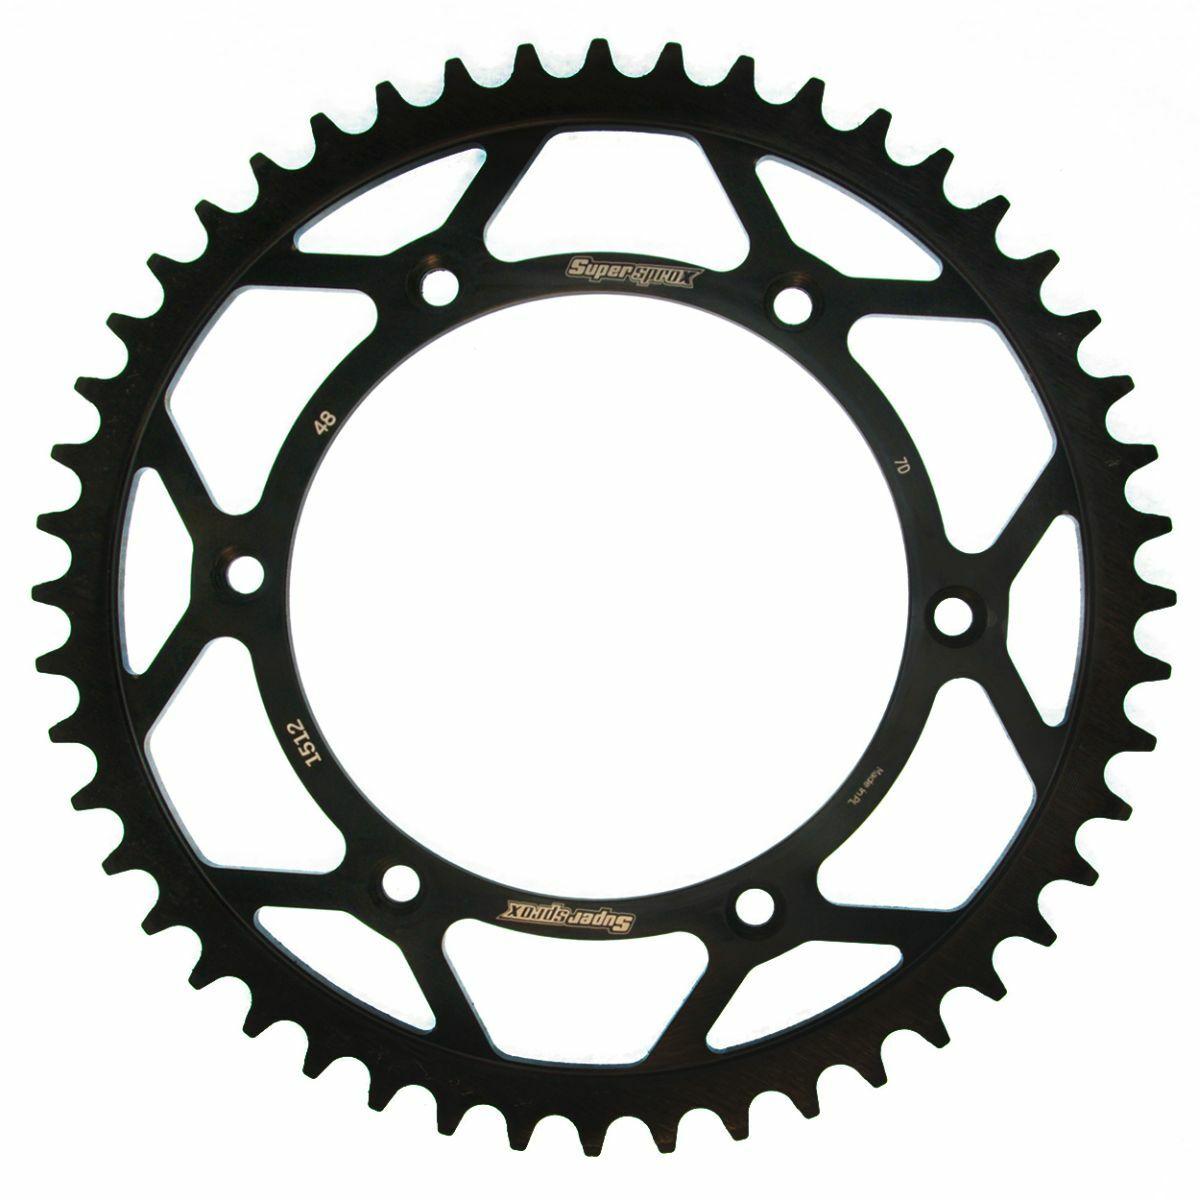 Obrázek produktu Řetězová rozeta SUPERSPROX černý 48 zubů, 520